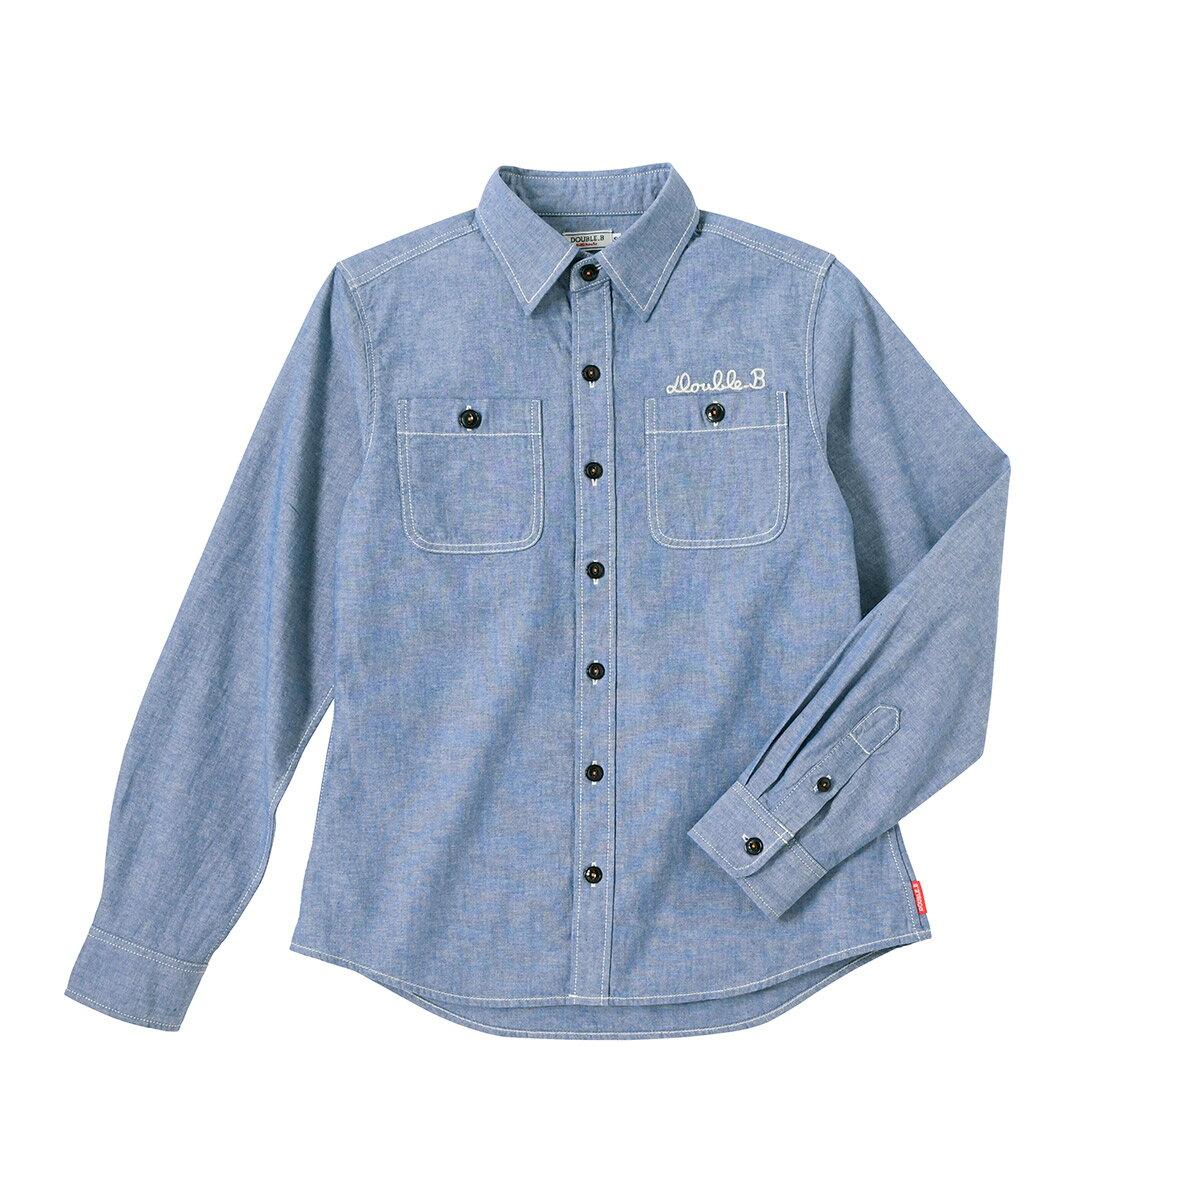 ダンガリーシャツ(大人用)〈S(155-165cm)〉